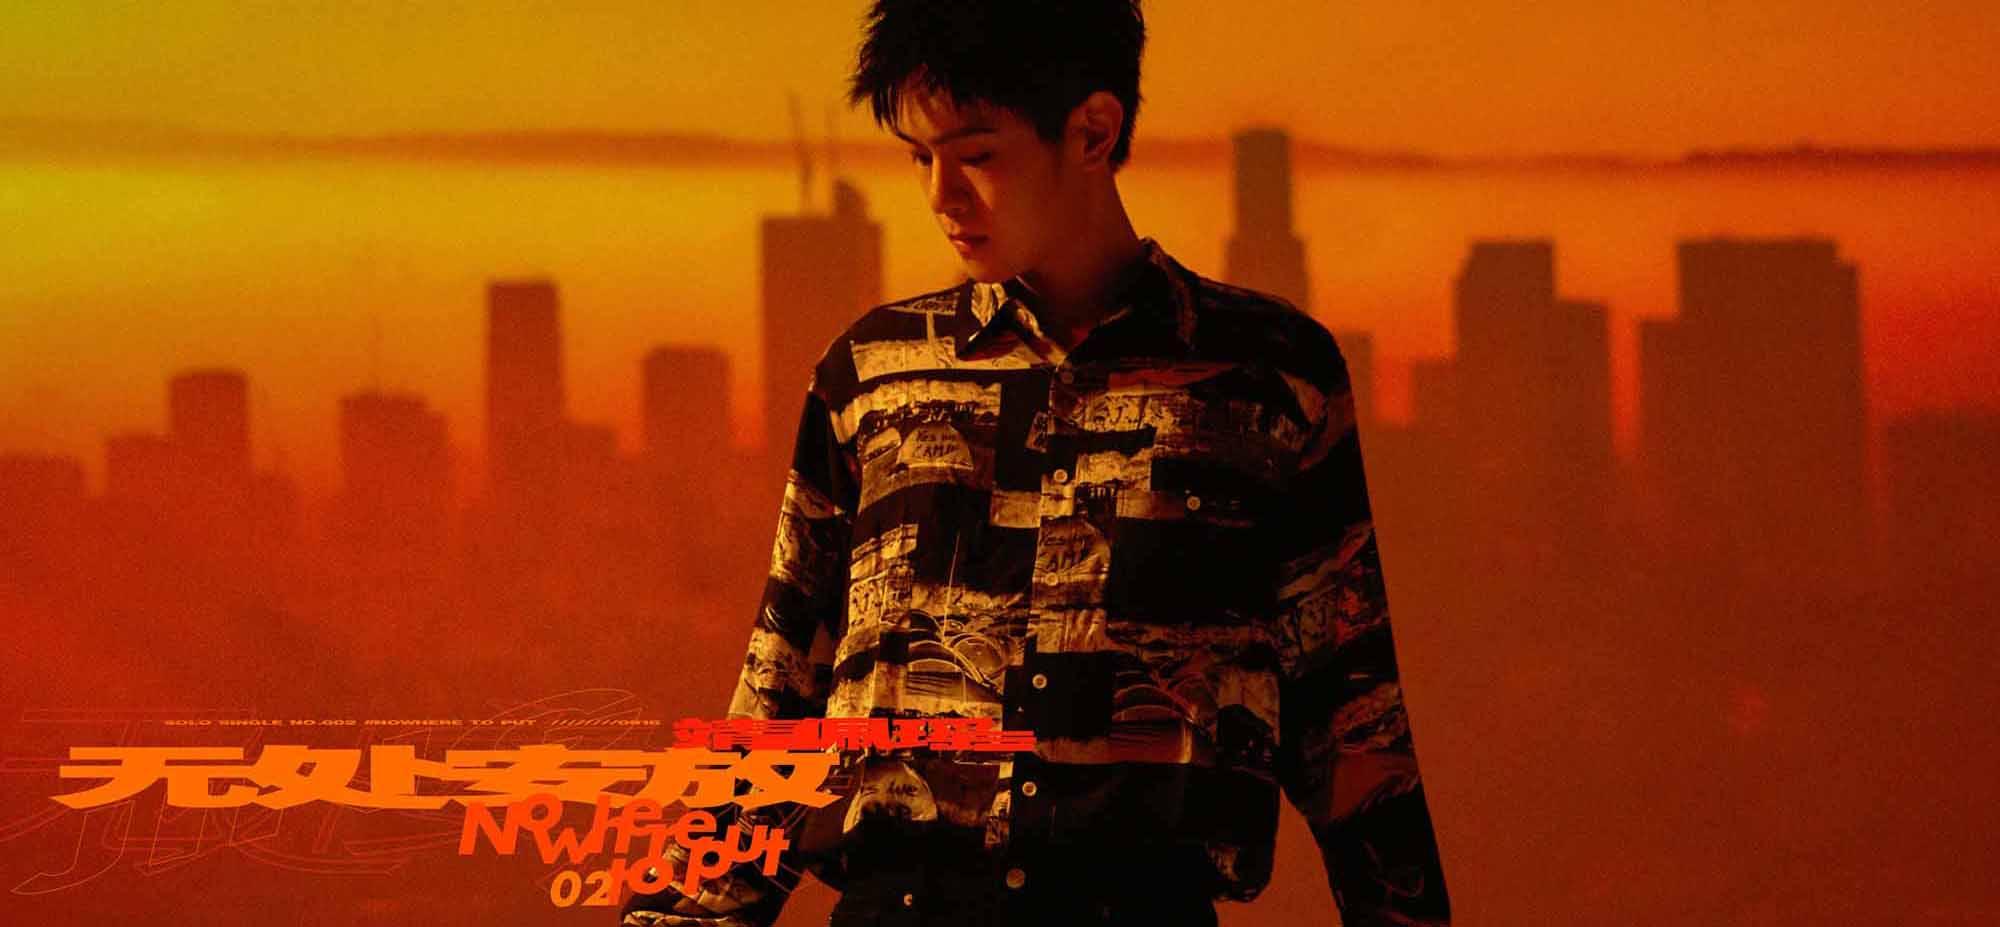 靖佩瑶原创单曲《无处安放》今日首发